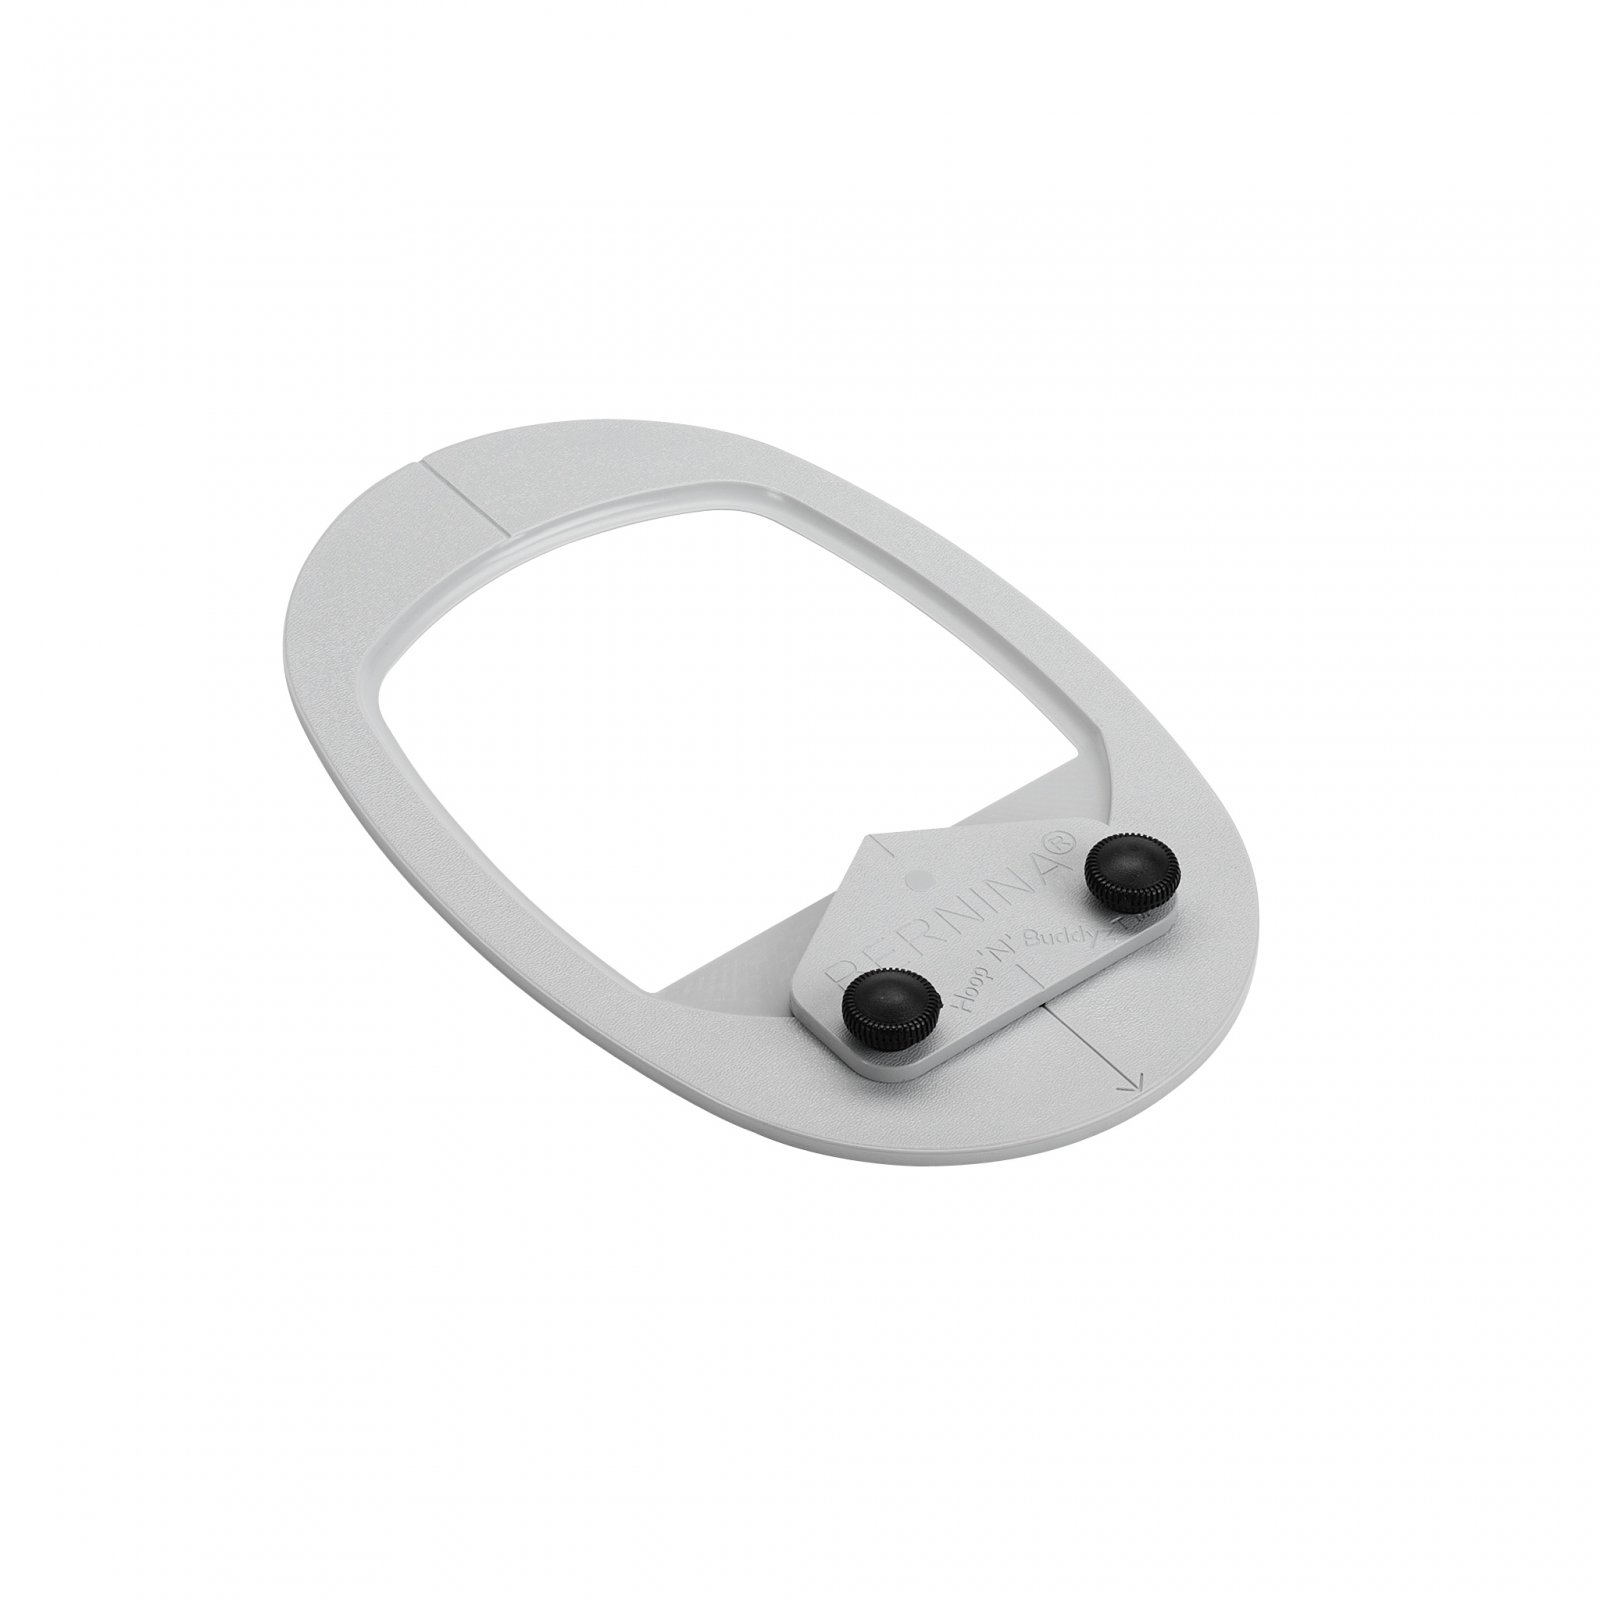 Hoop 'N' Buddyz Hat Hoop Insert (185/200/430/440/630/640/730) USE Oval Hoop